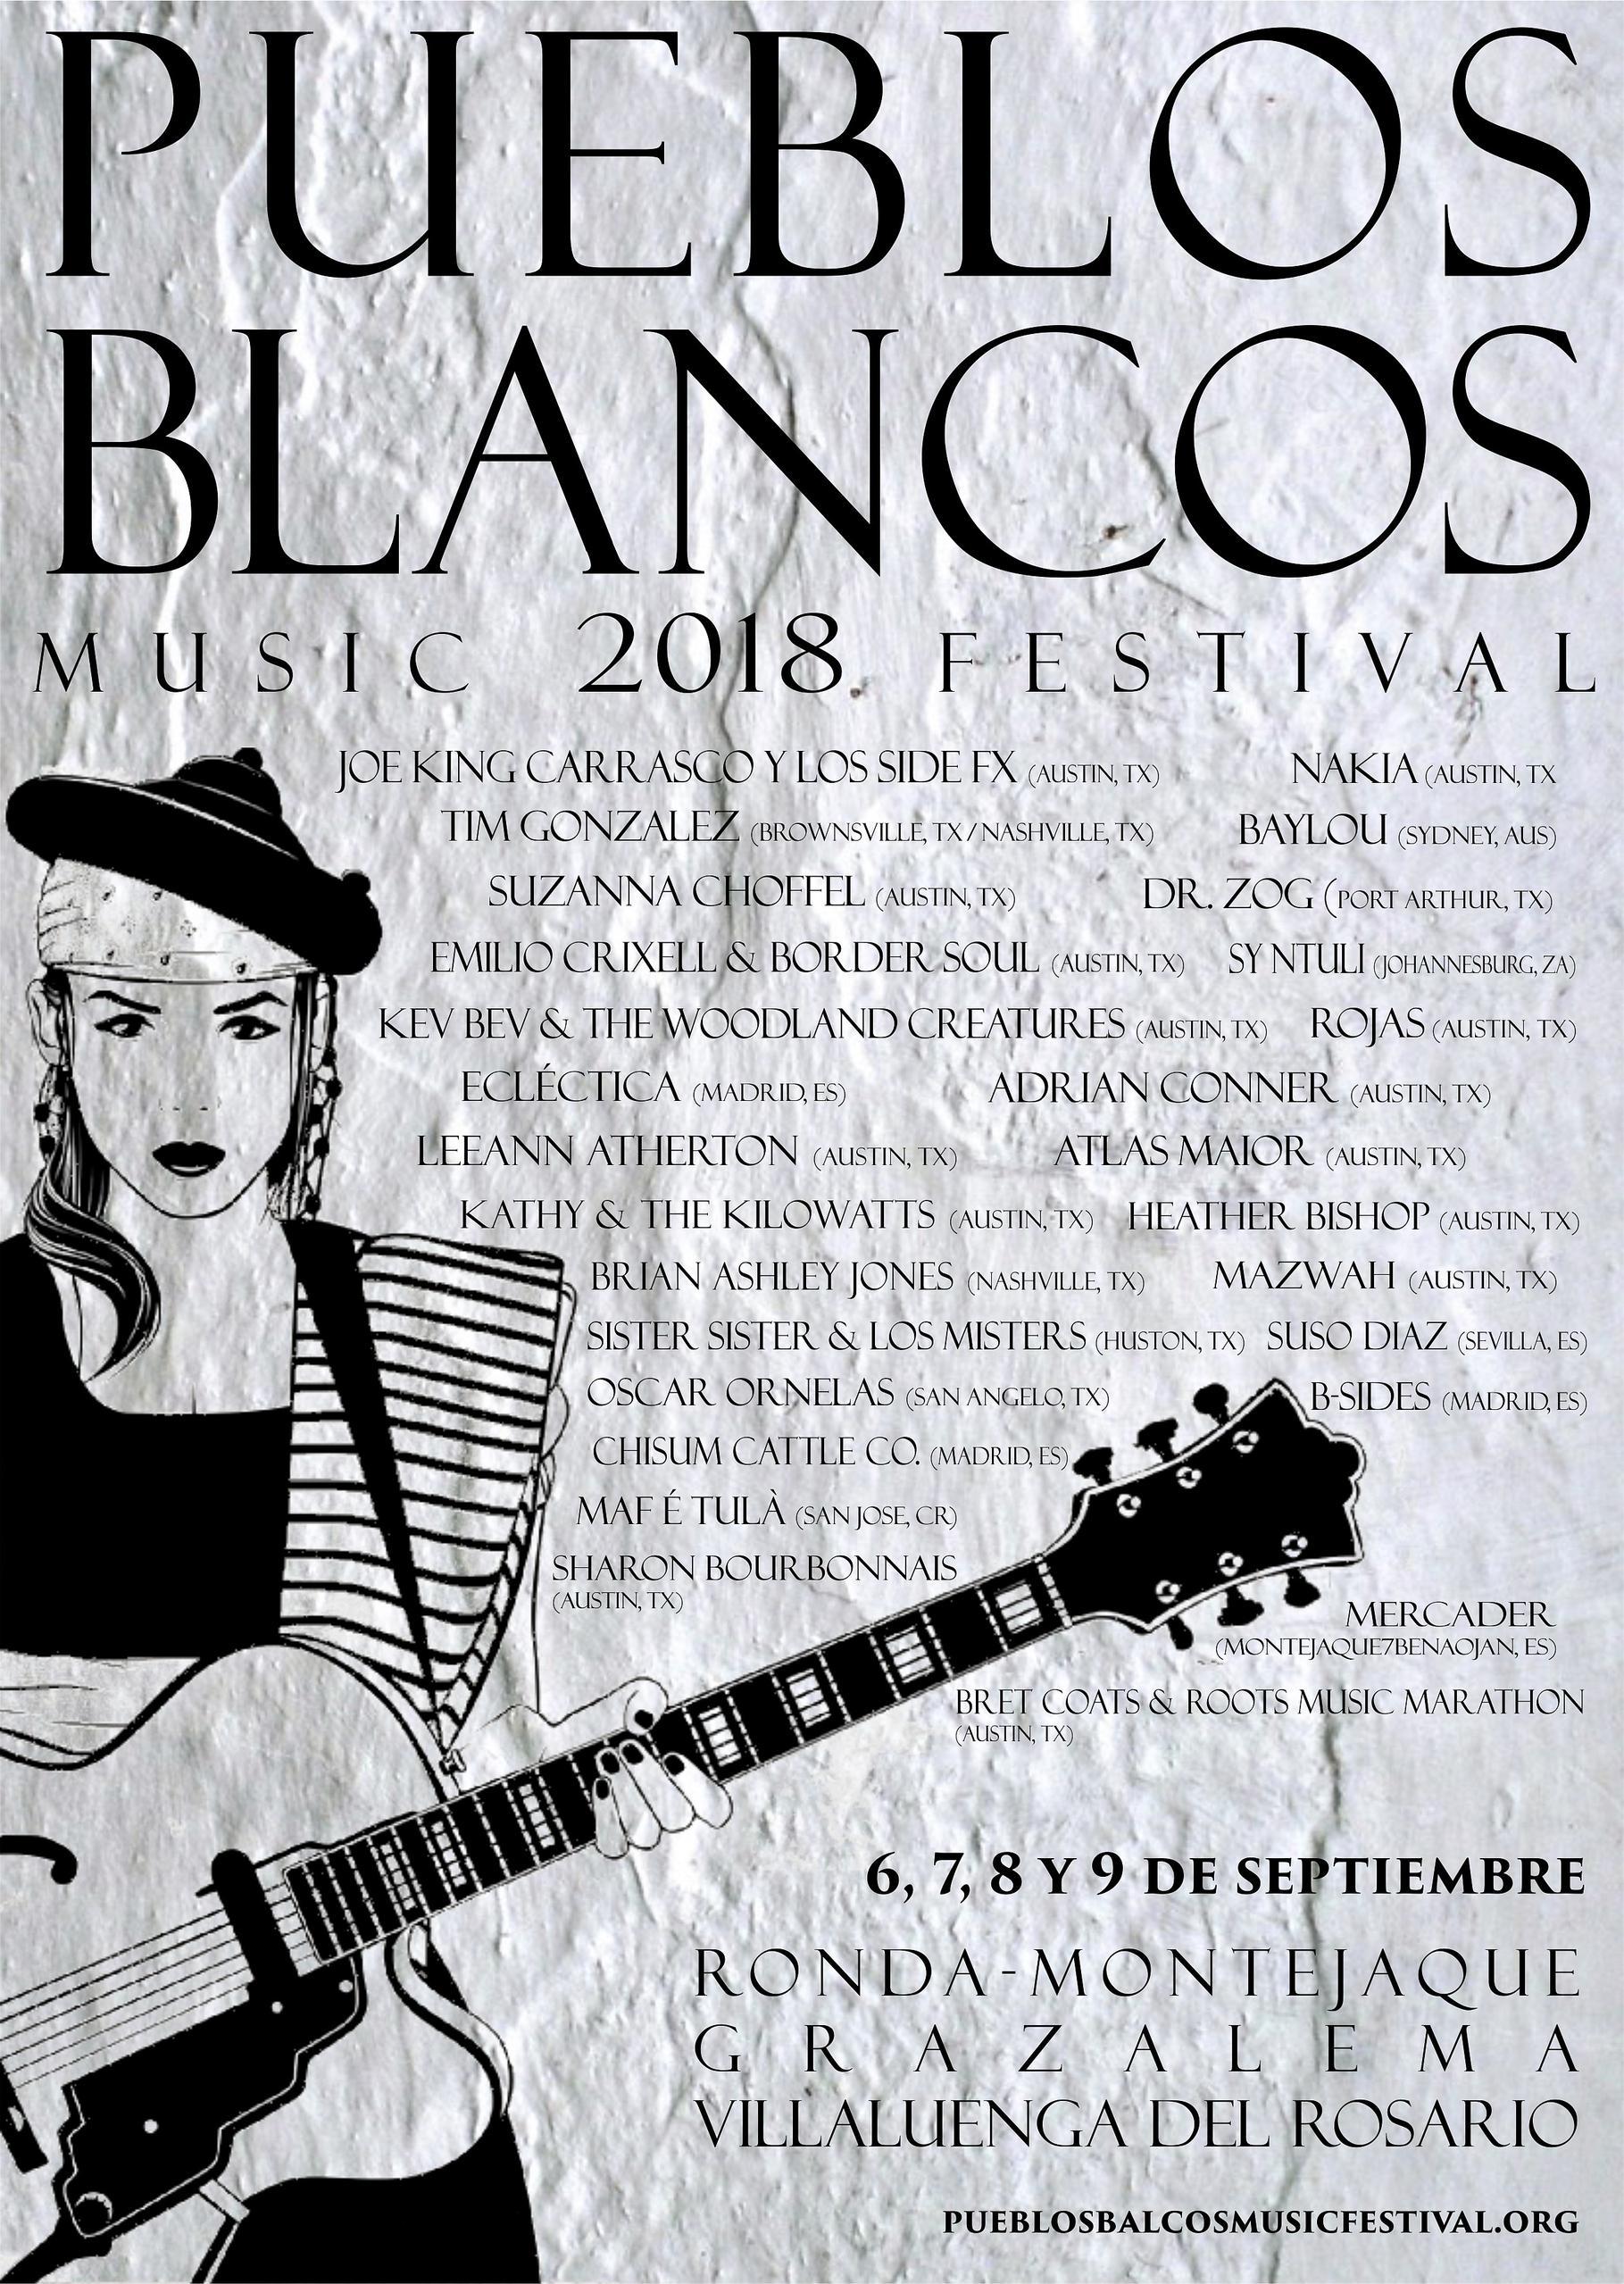 Cartel Pueblos Blancos Music Festival 2018